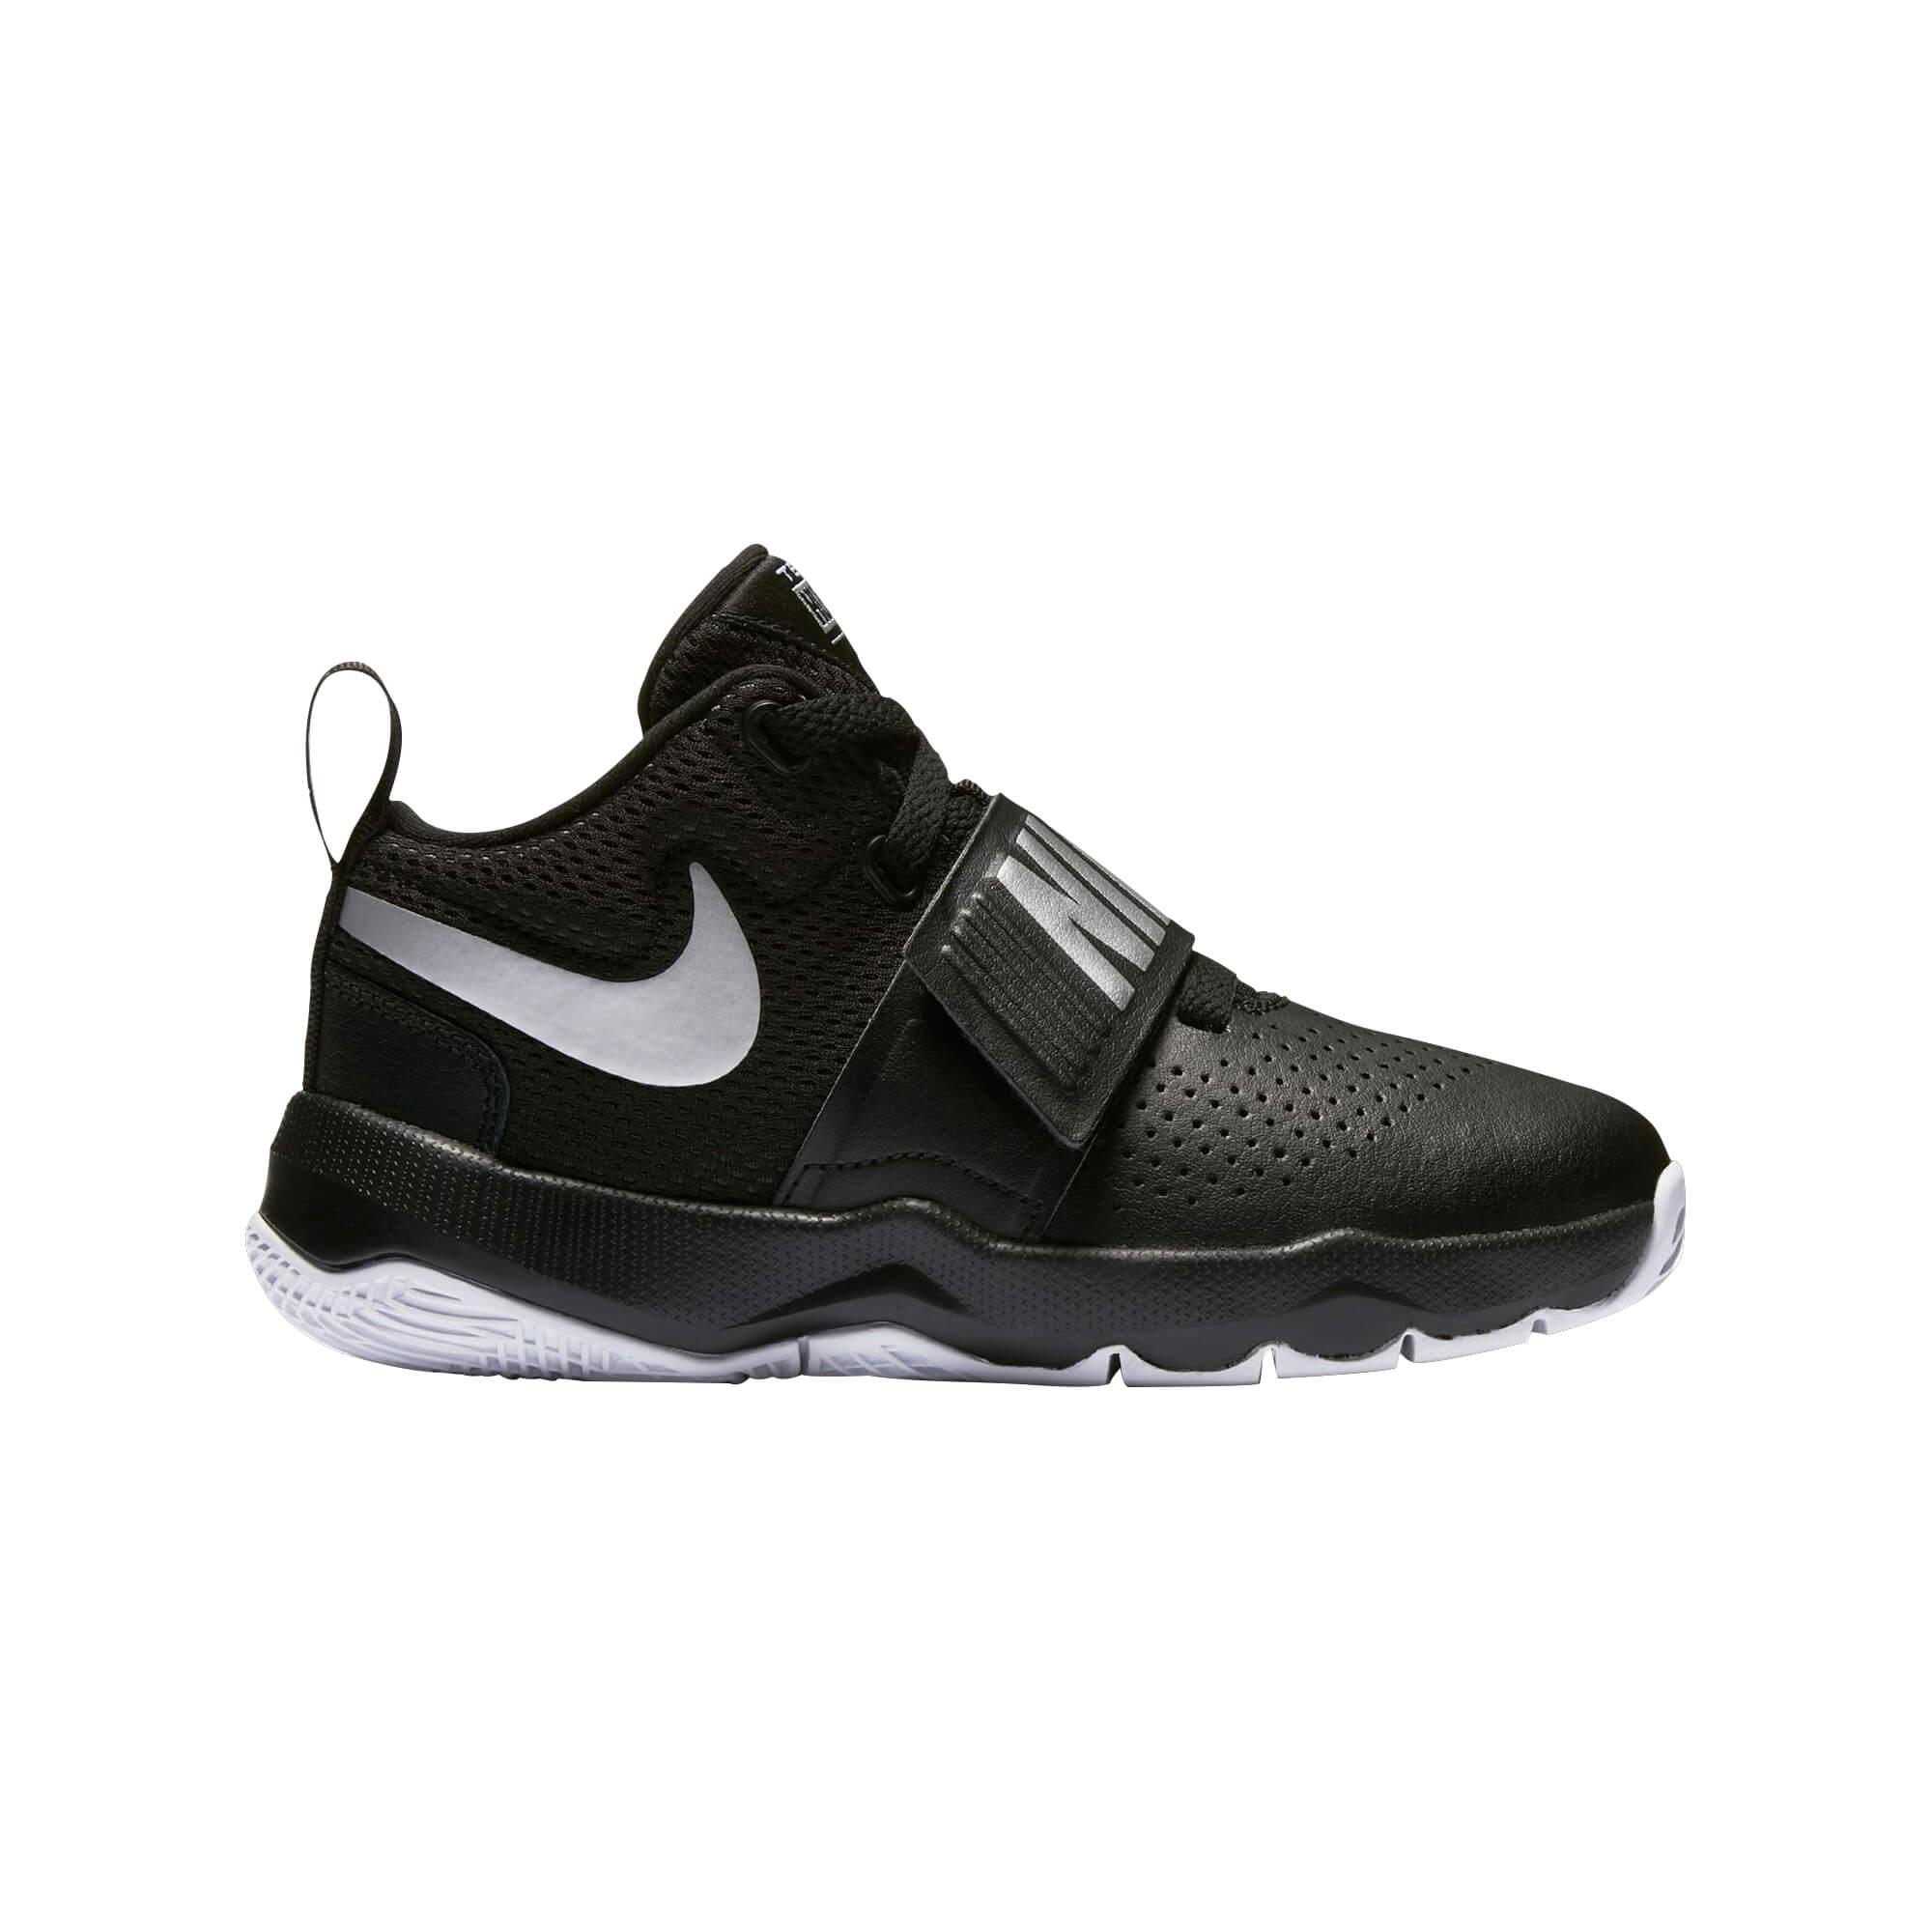 Team Hustle D 8 (PS) Nike poza